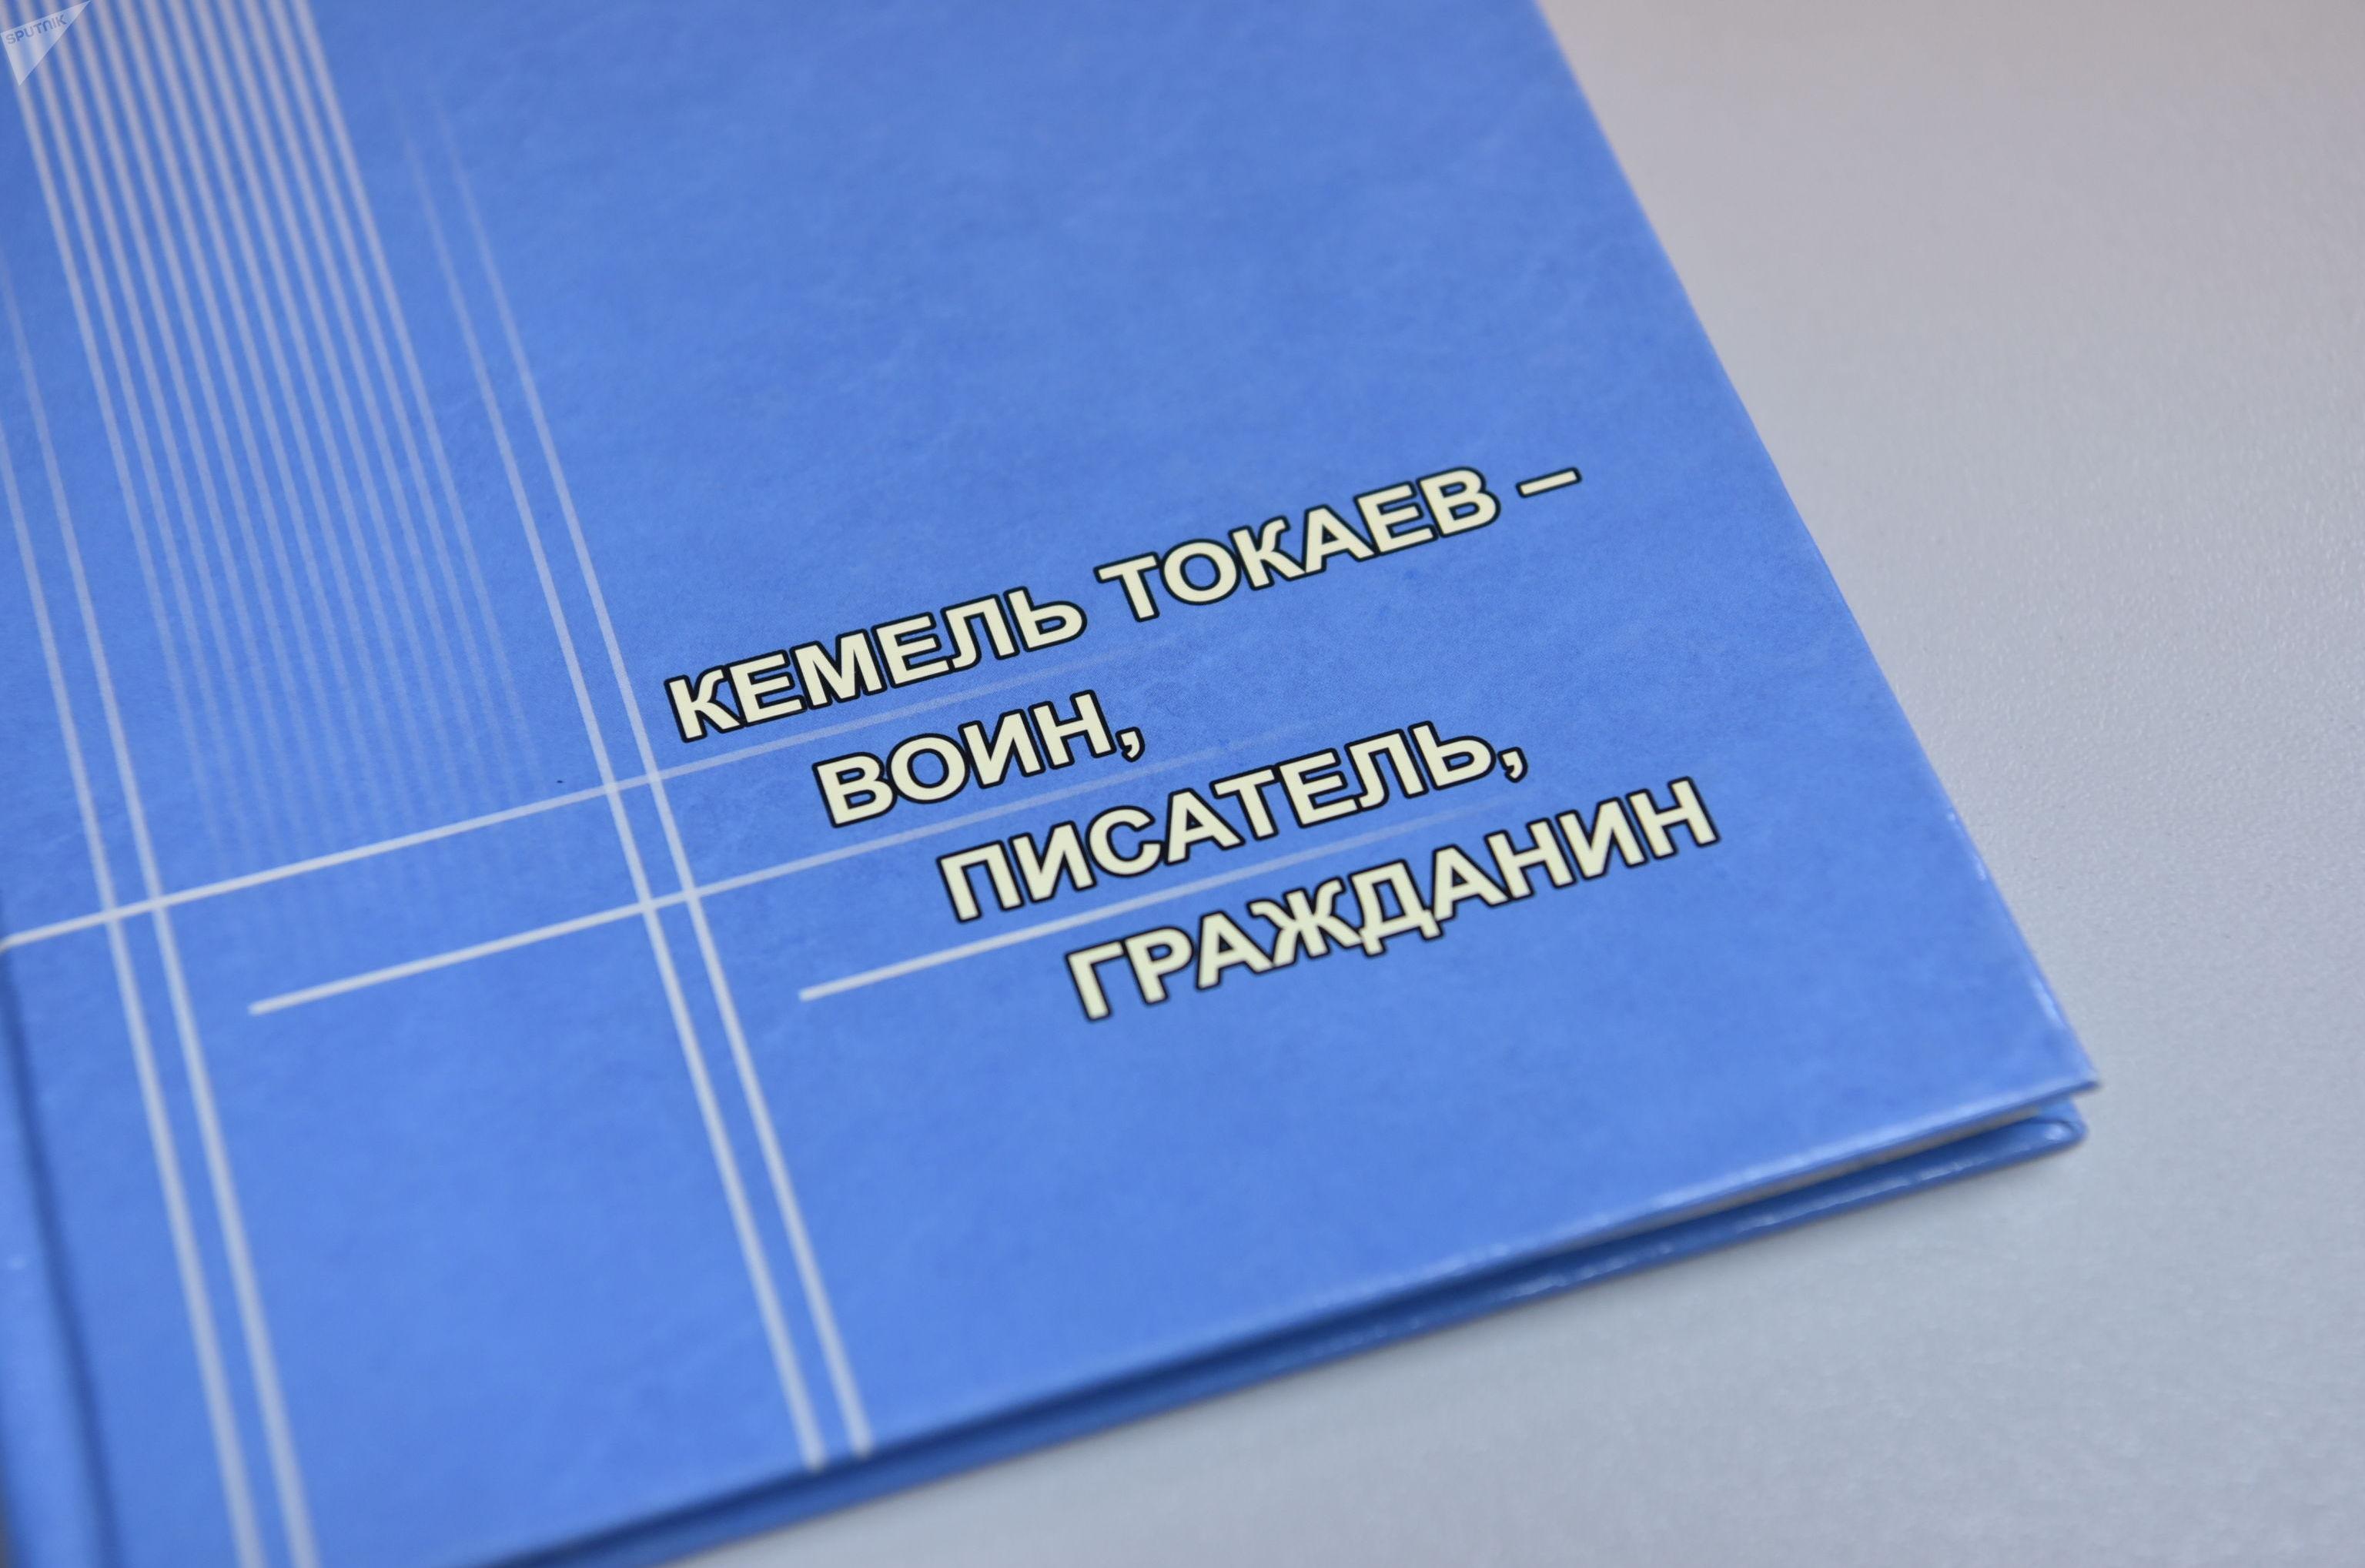 Книга Кемель Токаев - воин, писатель, гражданин